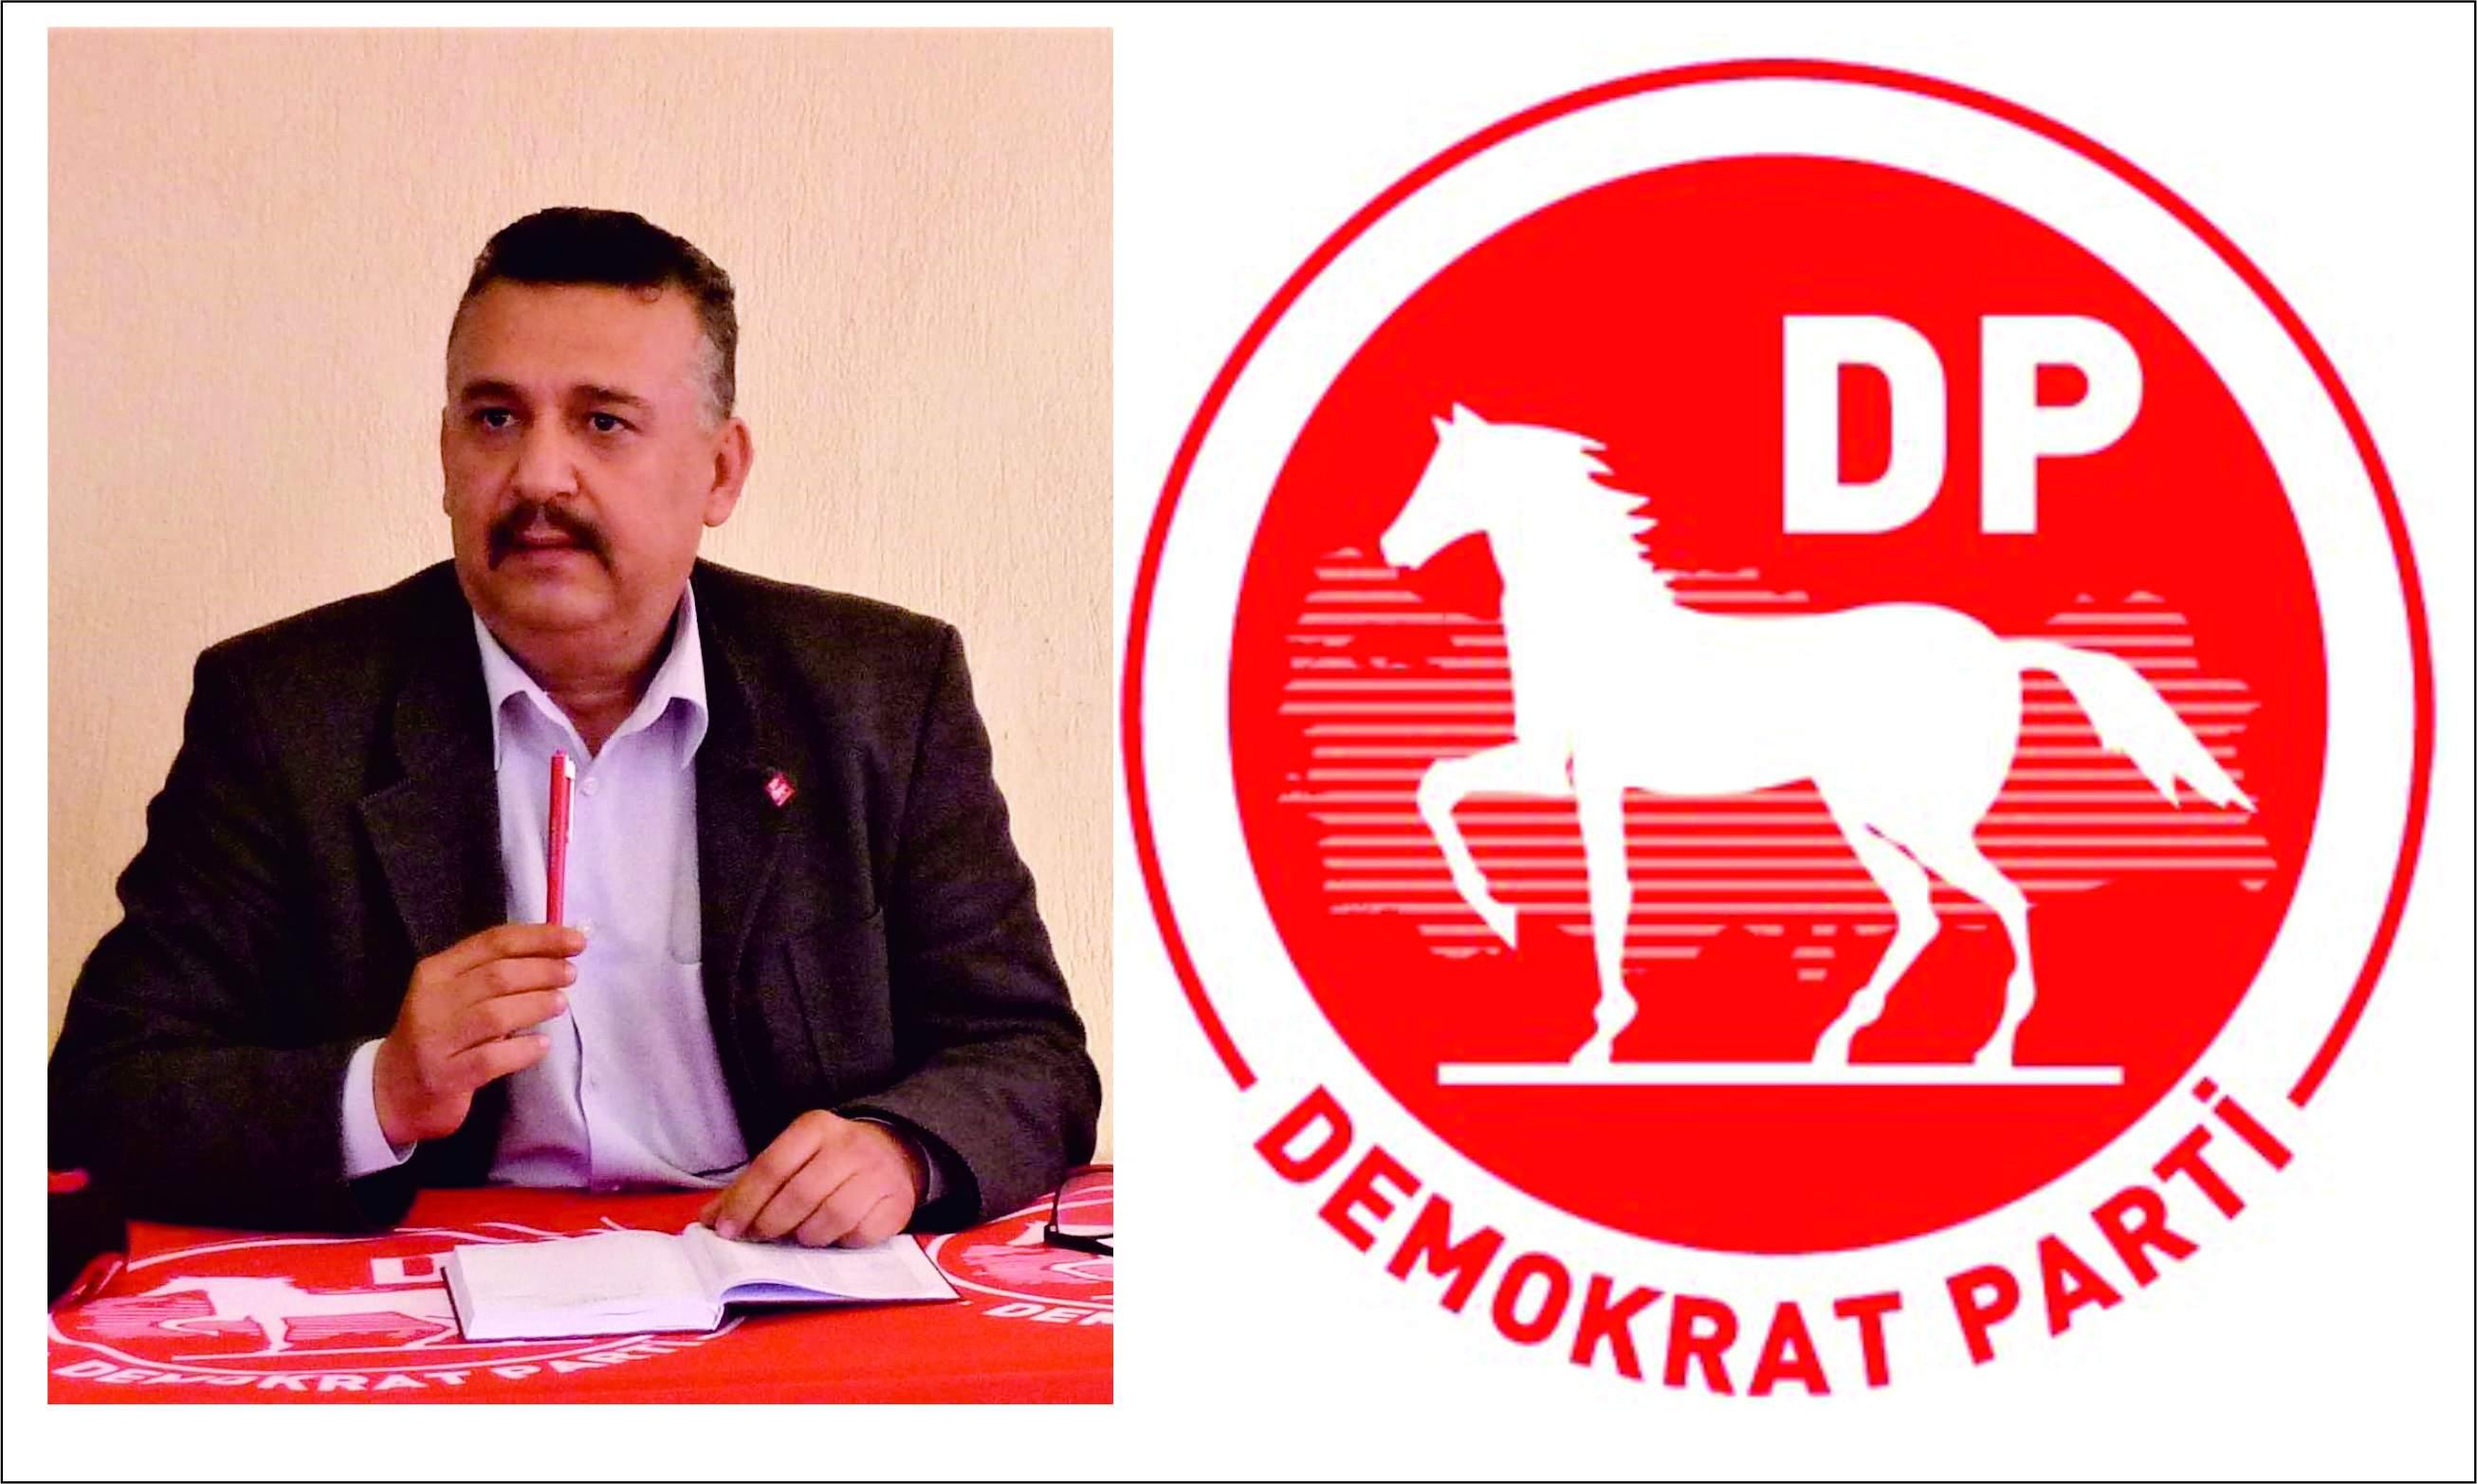 DALAMAN'DAKİ MECLİS ÜYELERİ ADAYLARINA İLK BAKIŞ-4-DEMOKRAT PARTİ